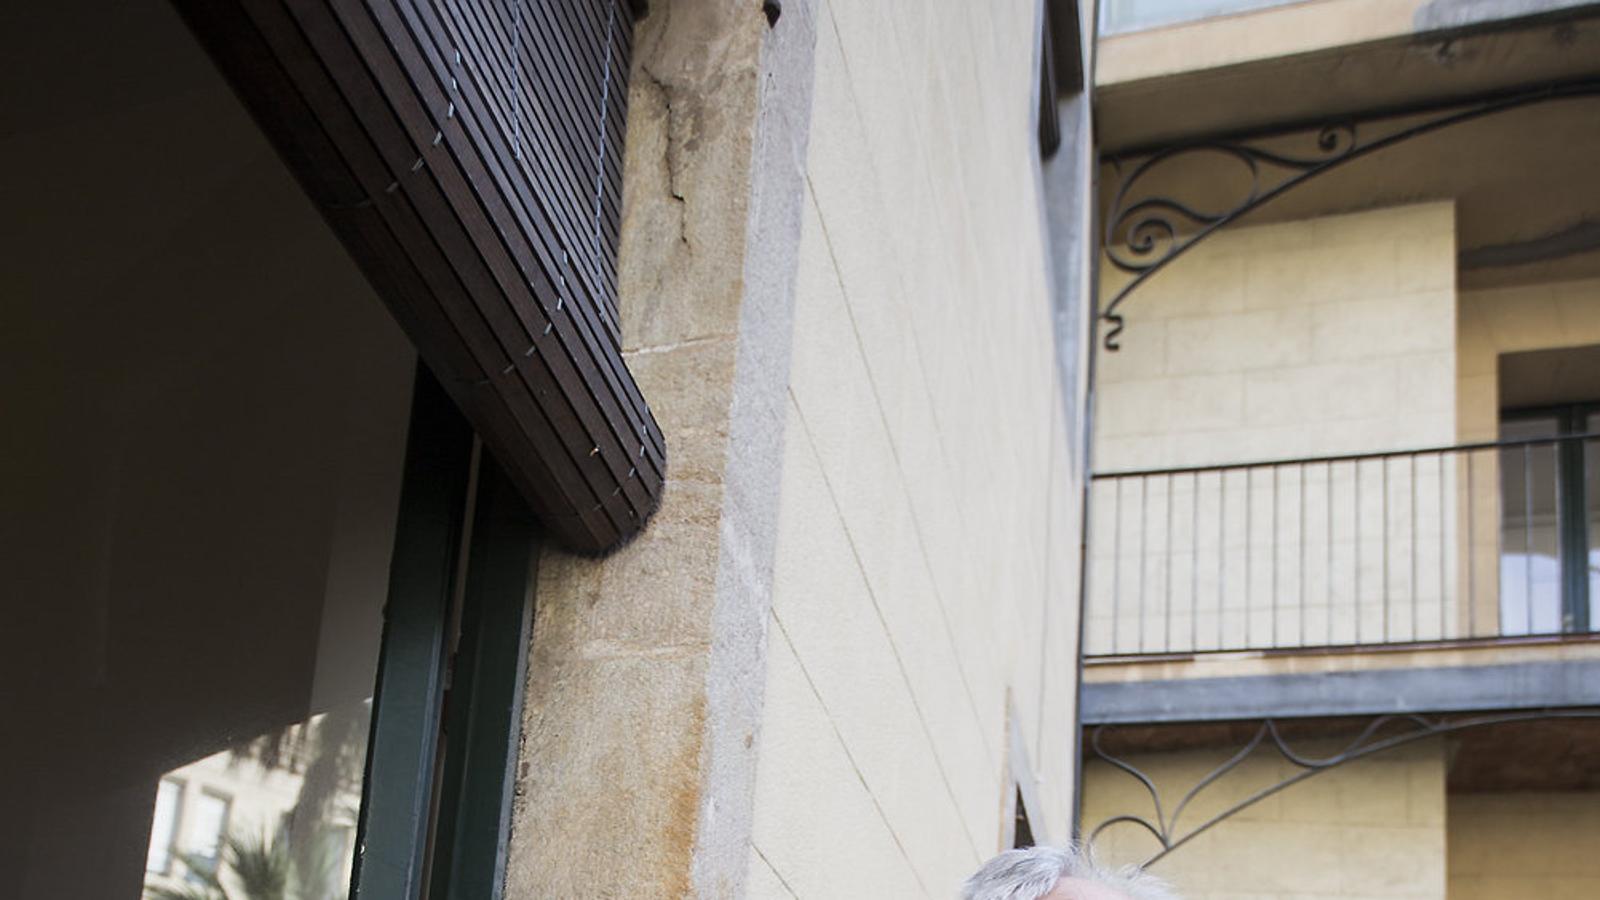 Ivo Vagjl fotografiat a Barcelona en una visita recent que l'eurodiputat eslovè va fer a Catalunya. / MANOLO GARCIA